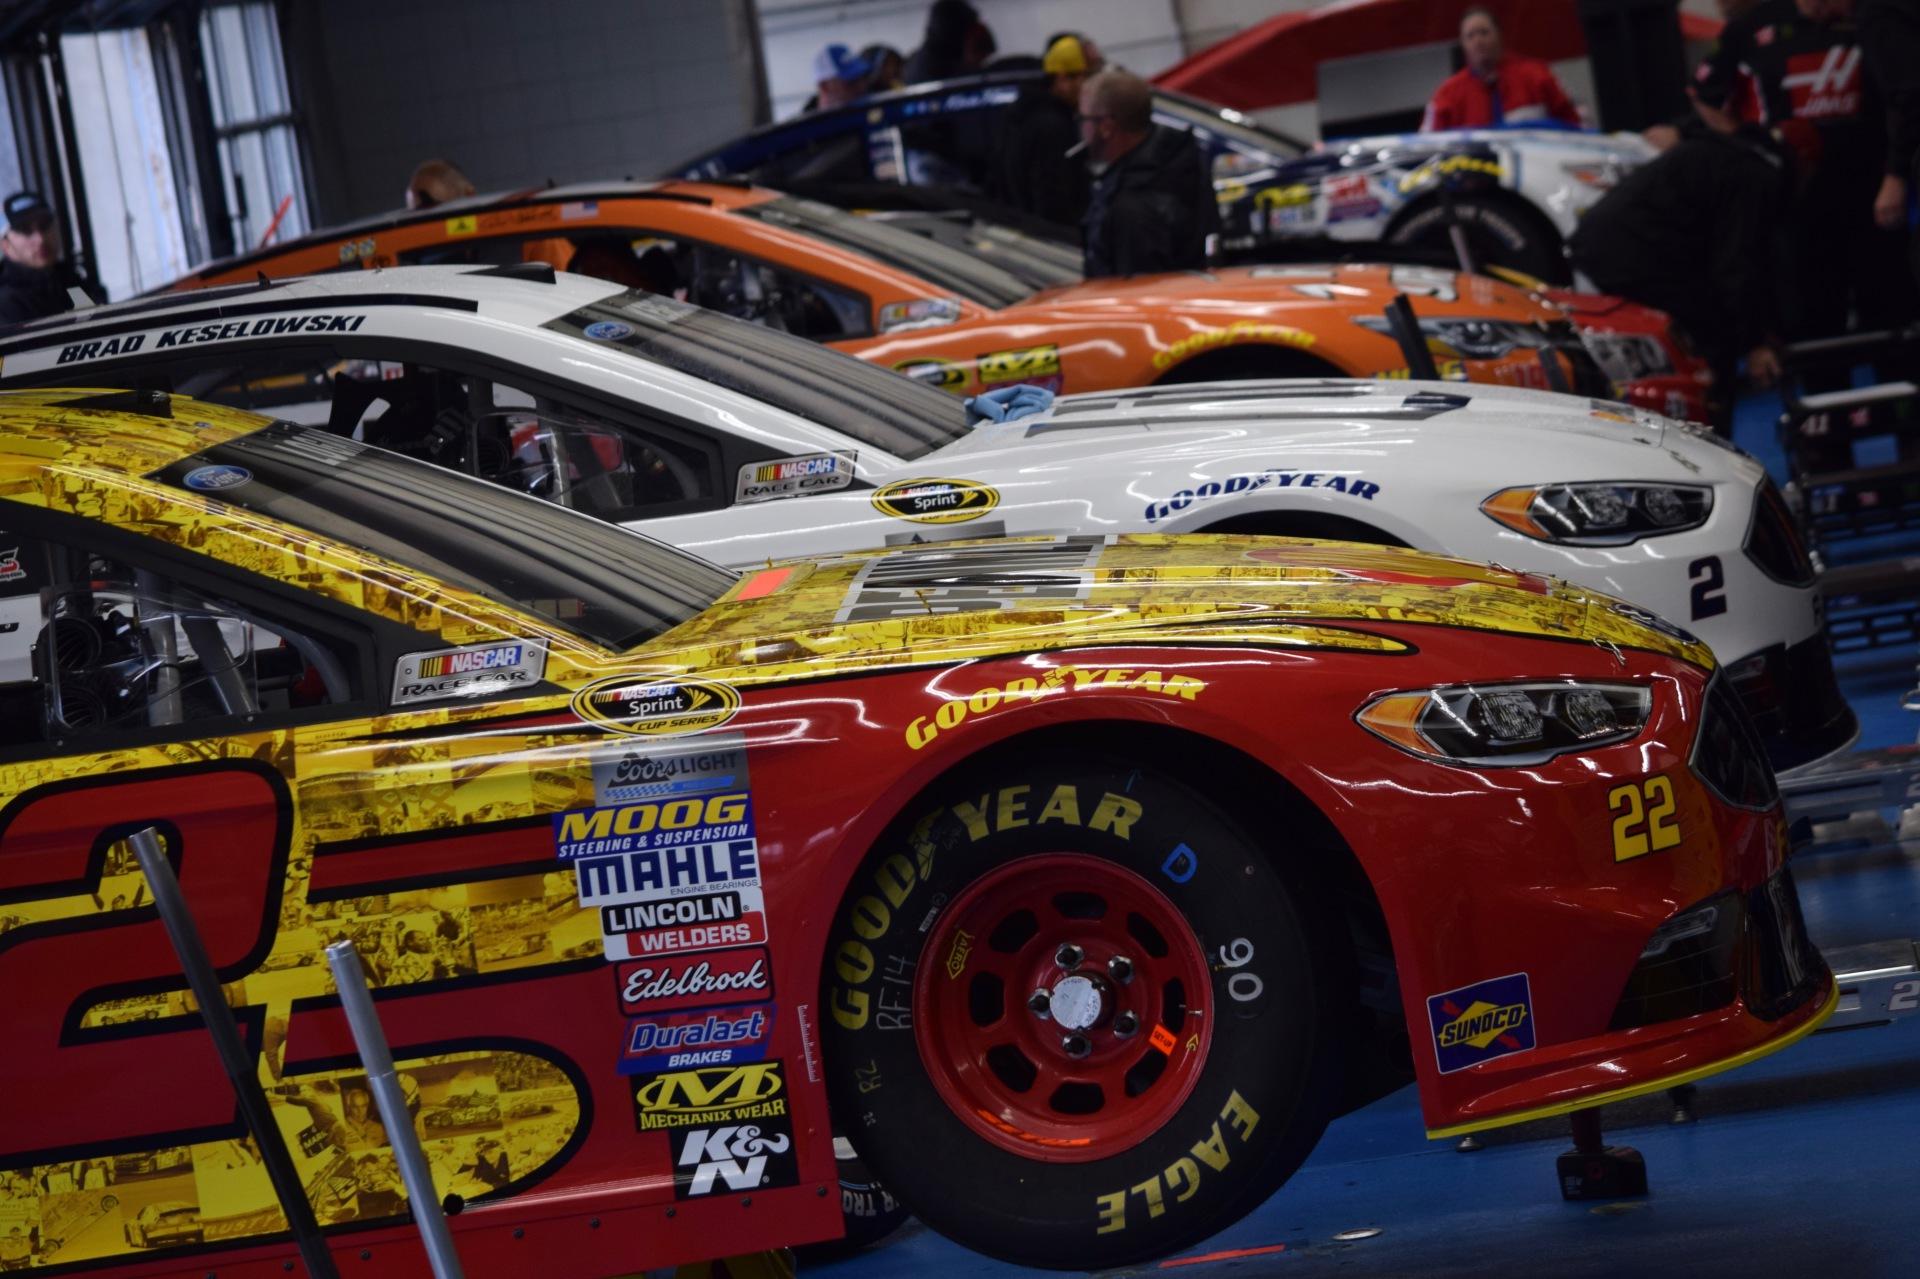 Charlotte Motor Speedway Garage - Concord, NC